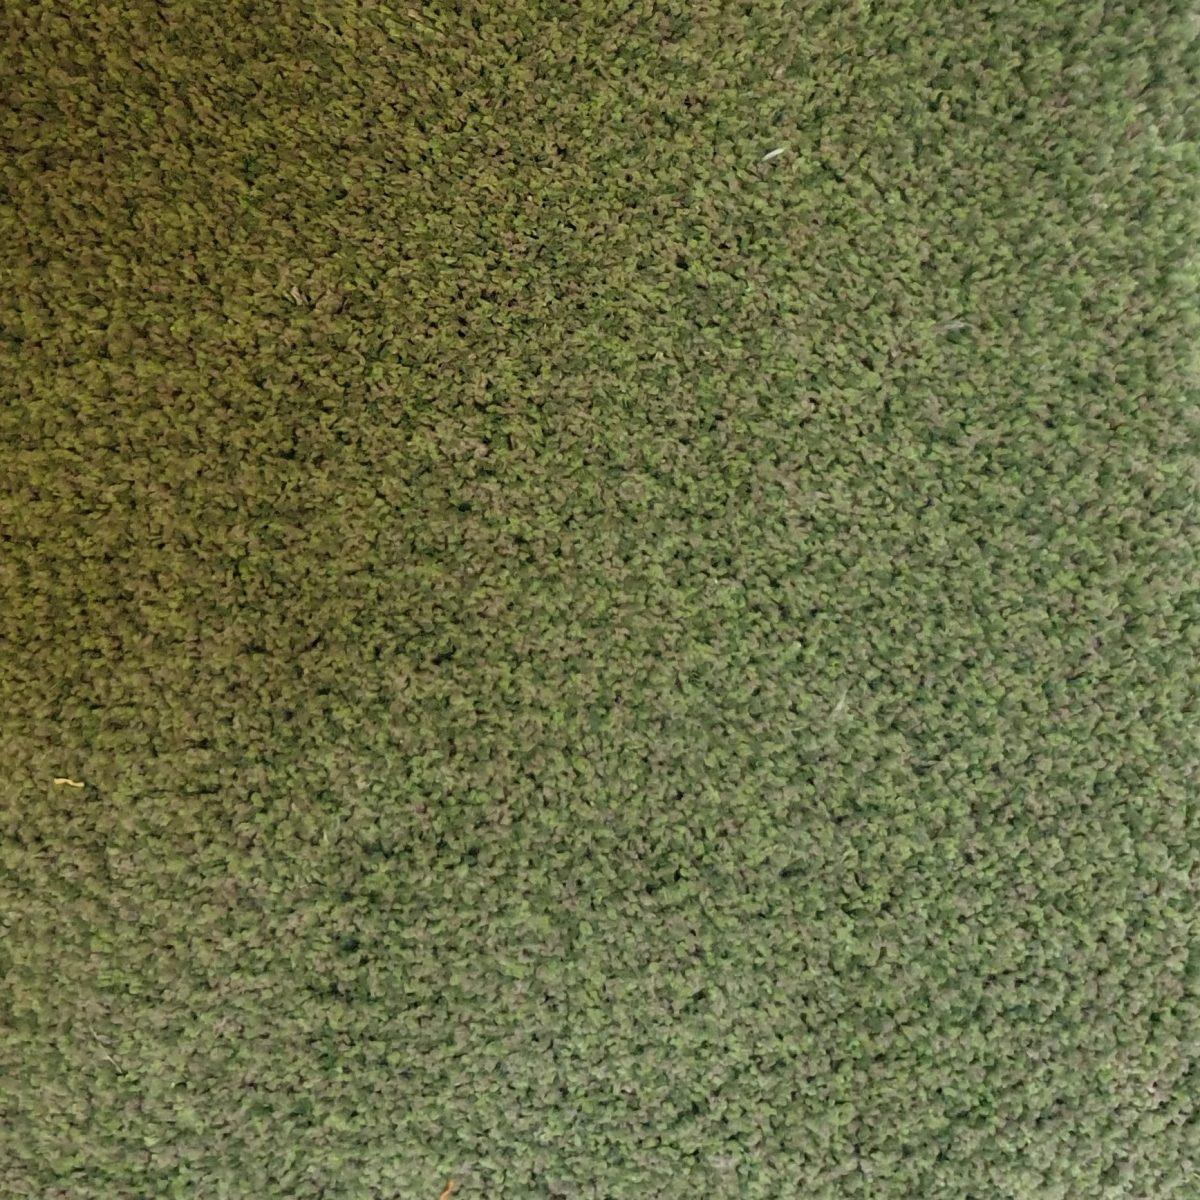 3802 432 1200x1200 - Van Besouw type 3802 kleur 432